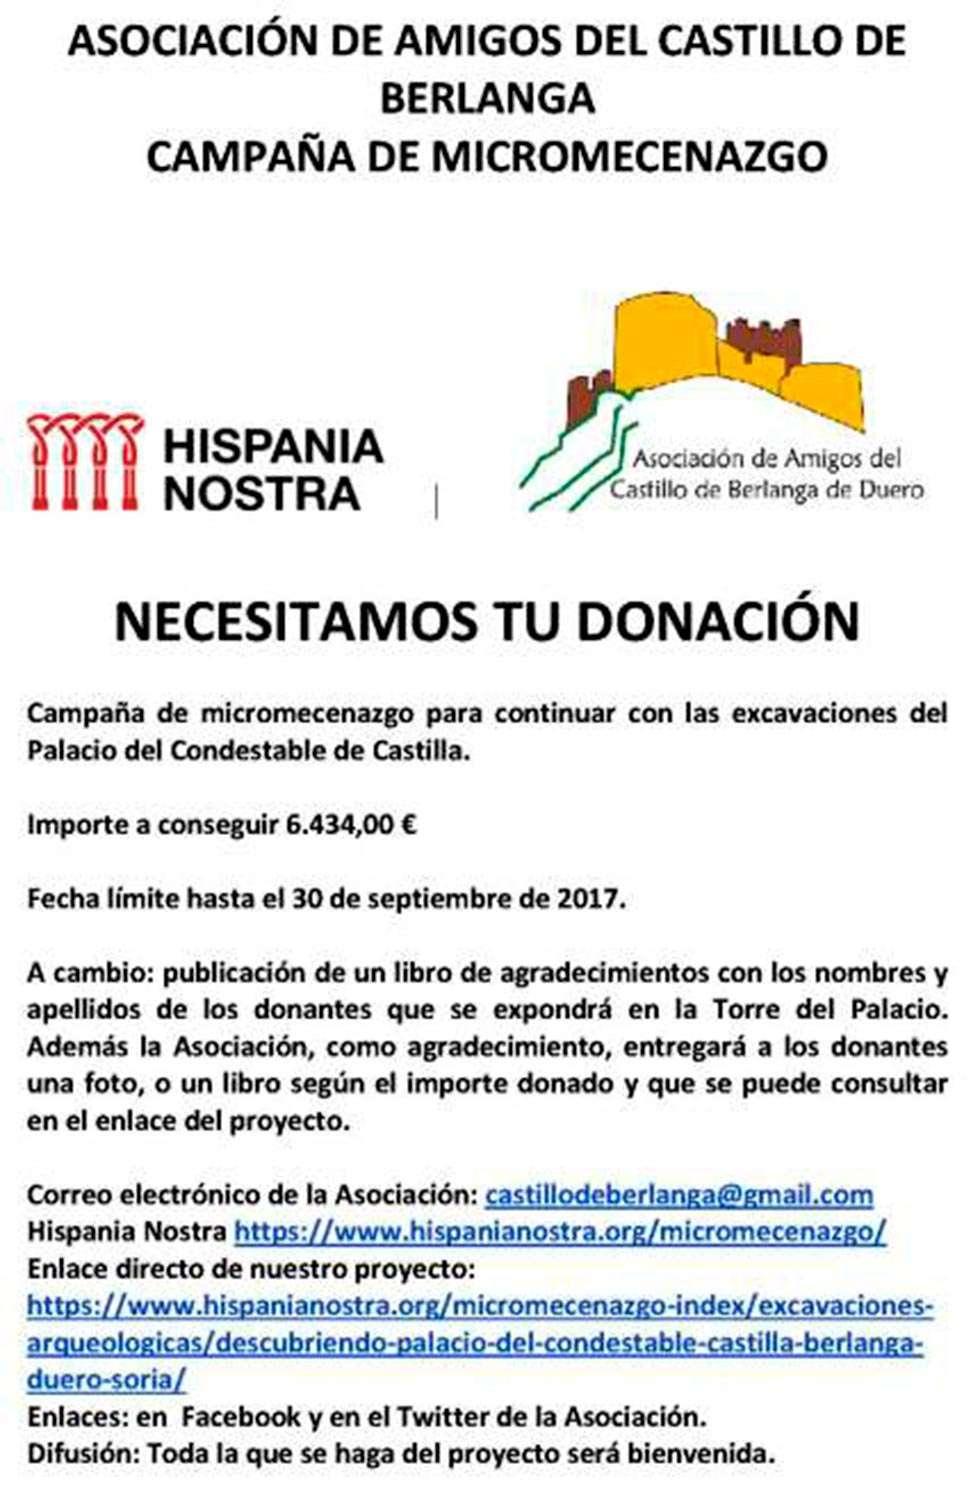 Micromecenazgo para financiar las excavaciones del Palacio del Condestable